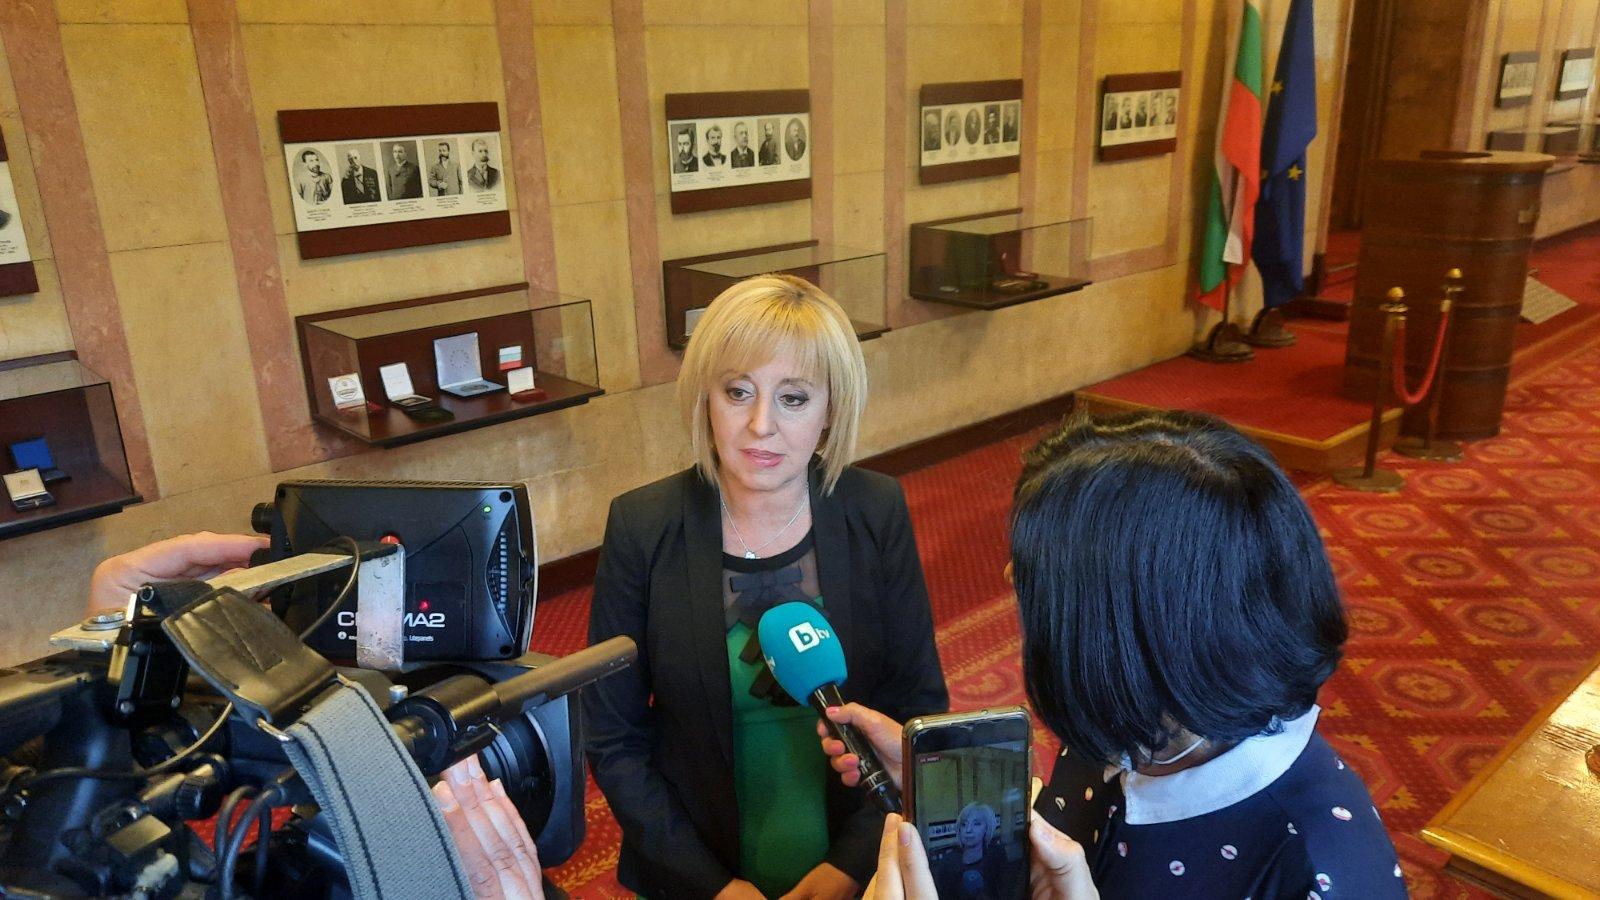 Манолова: Прие се съществено вдигане на минималната пенсия и по 650 лв. за втората година от майчинството